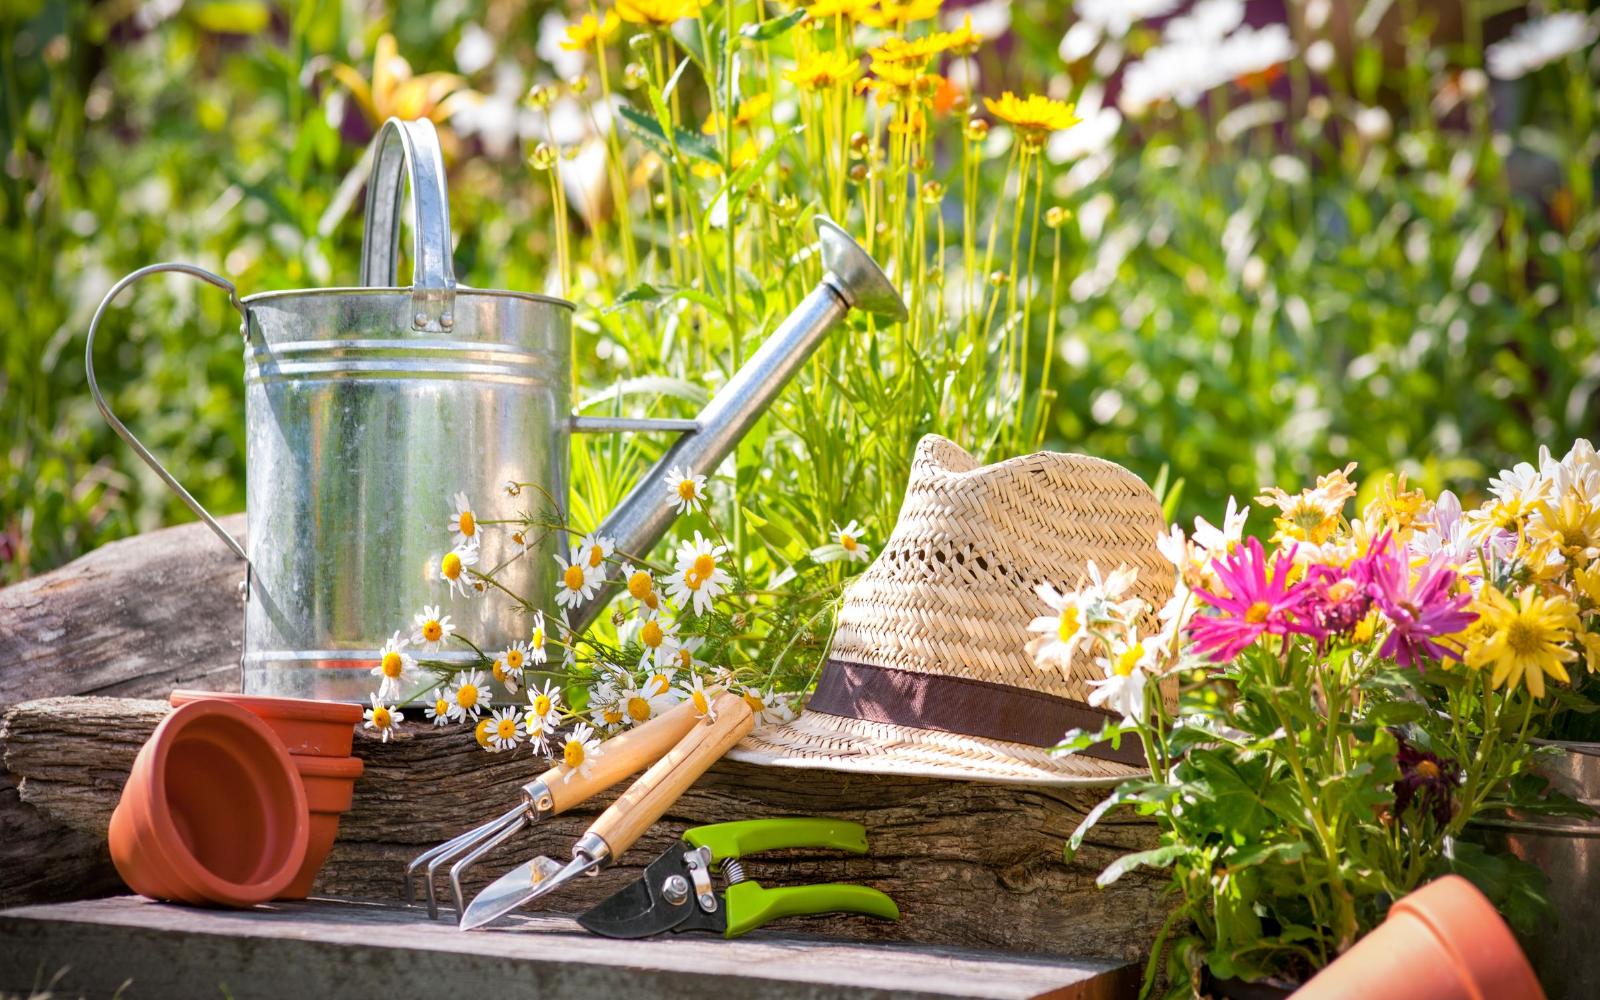 ¿Qué herramientas de jardinería necesitas para el cuidado de tu jardín?